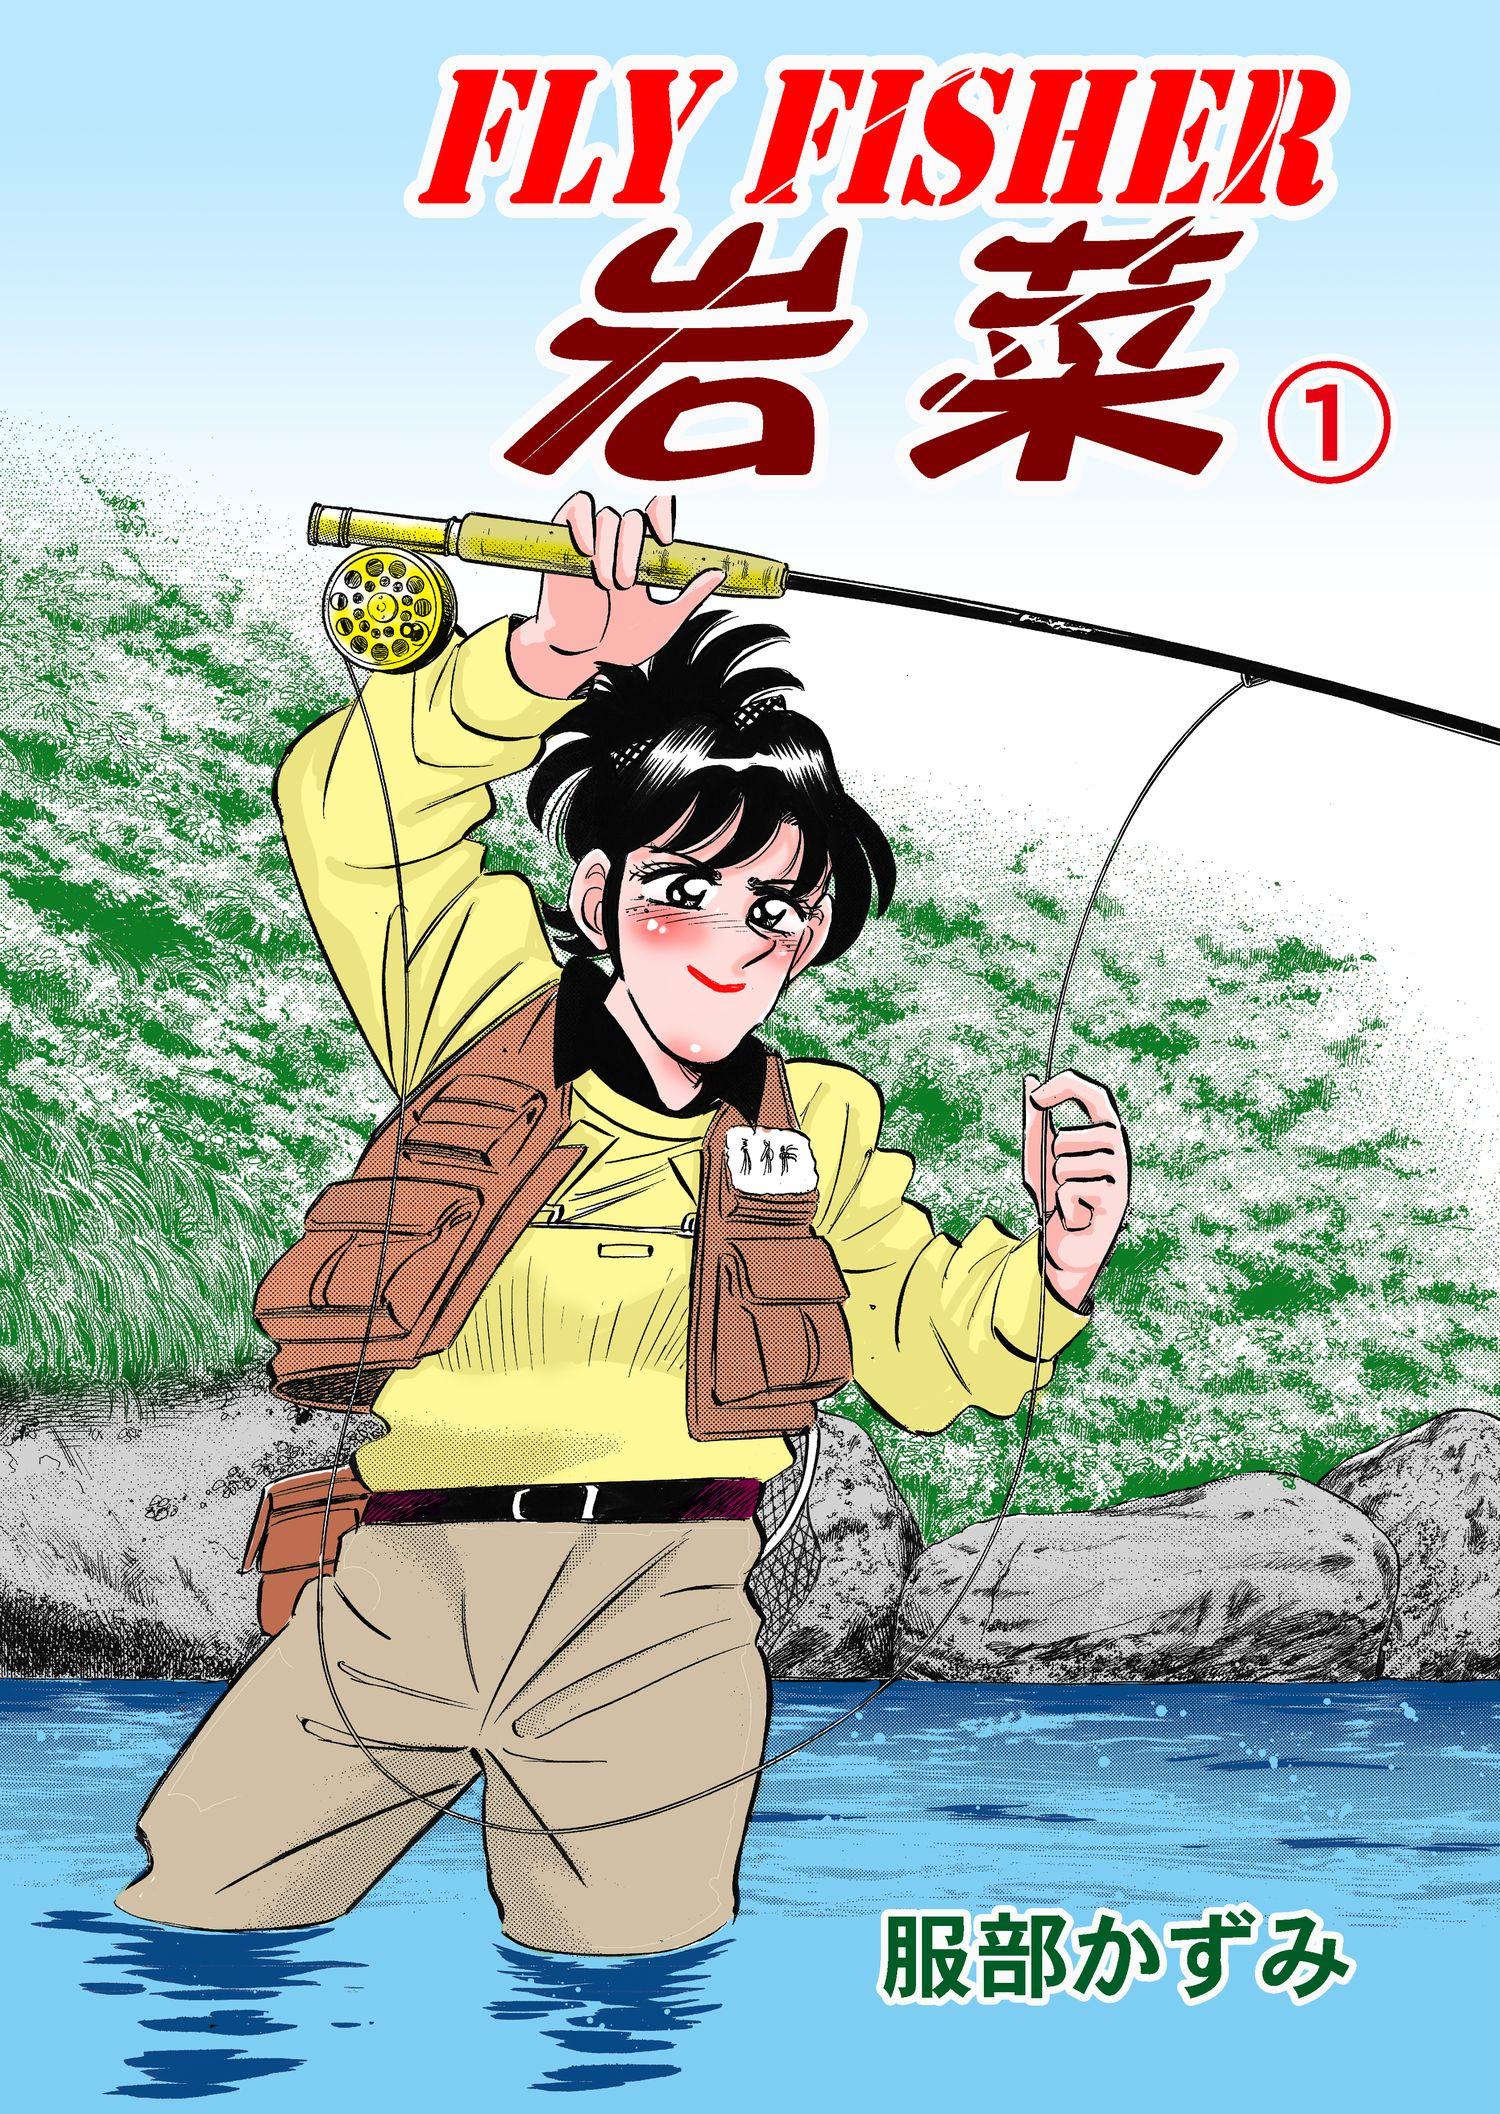 FLYFISHER 岩菜(第1巻)